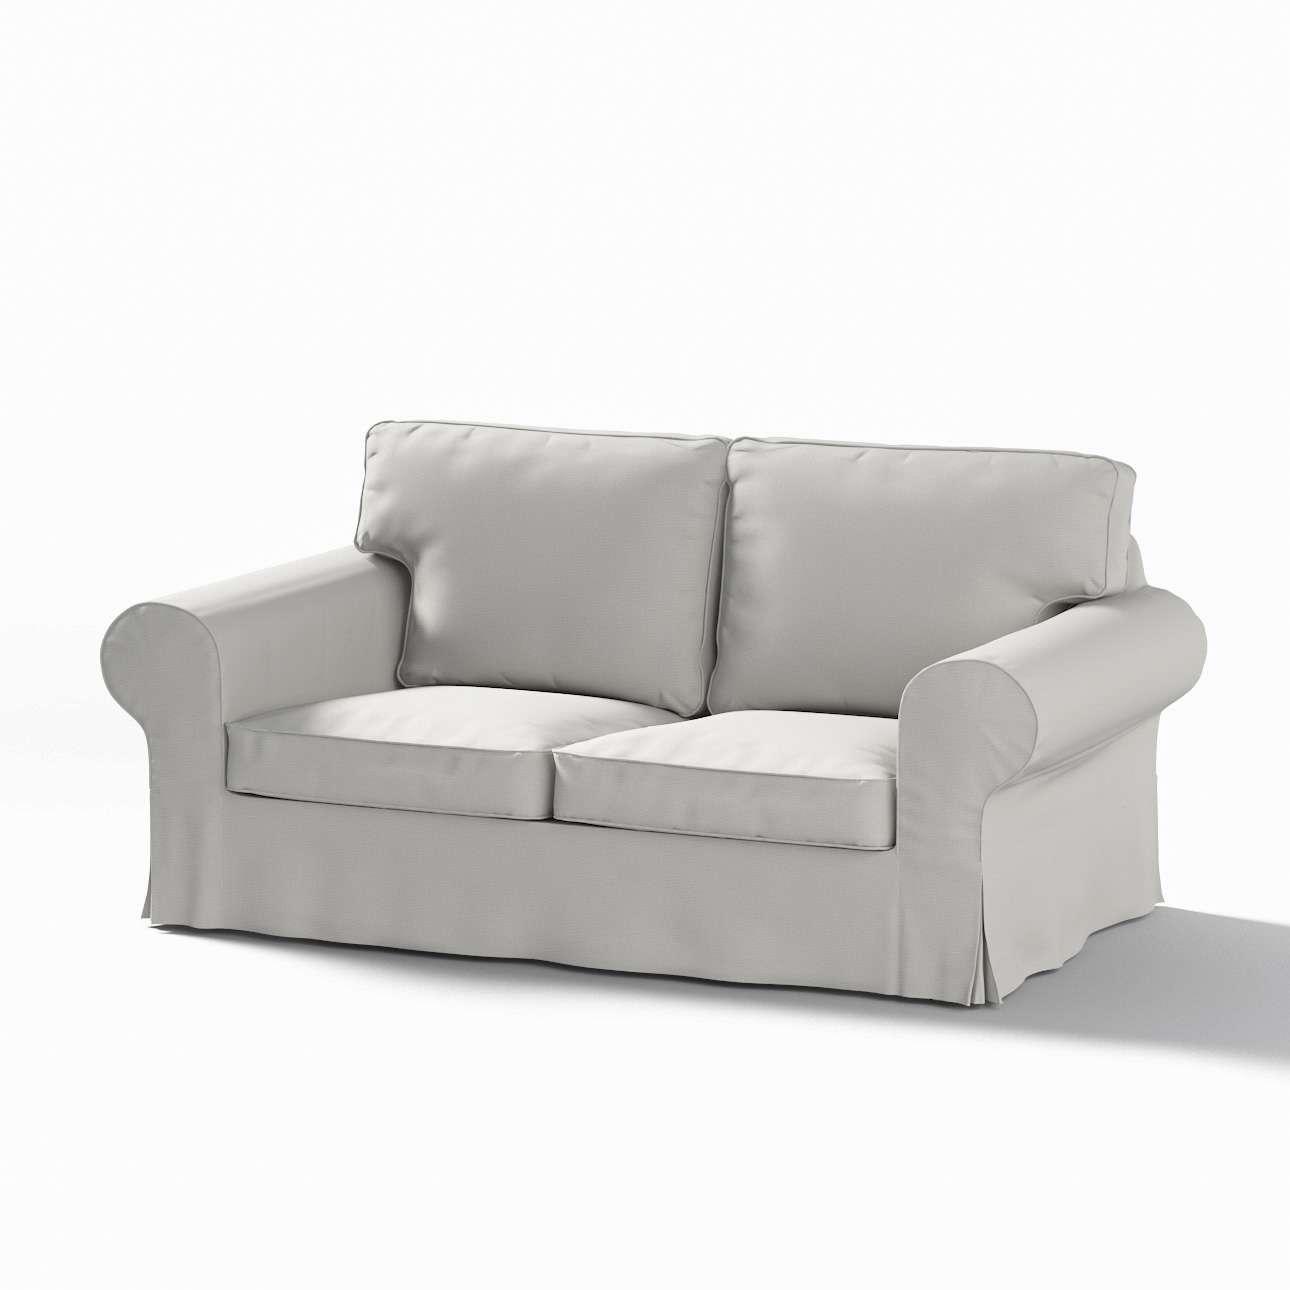 Pokrowiec na sofę Ektorp 2-osobową rozkładaną, model po 2012 w kolekcji Etna, tkanina: 705-90